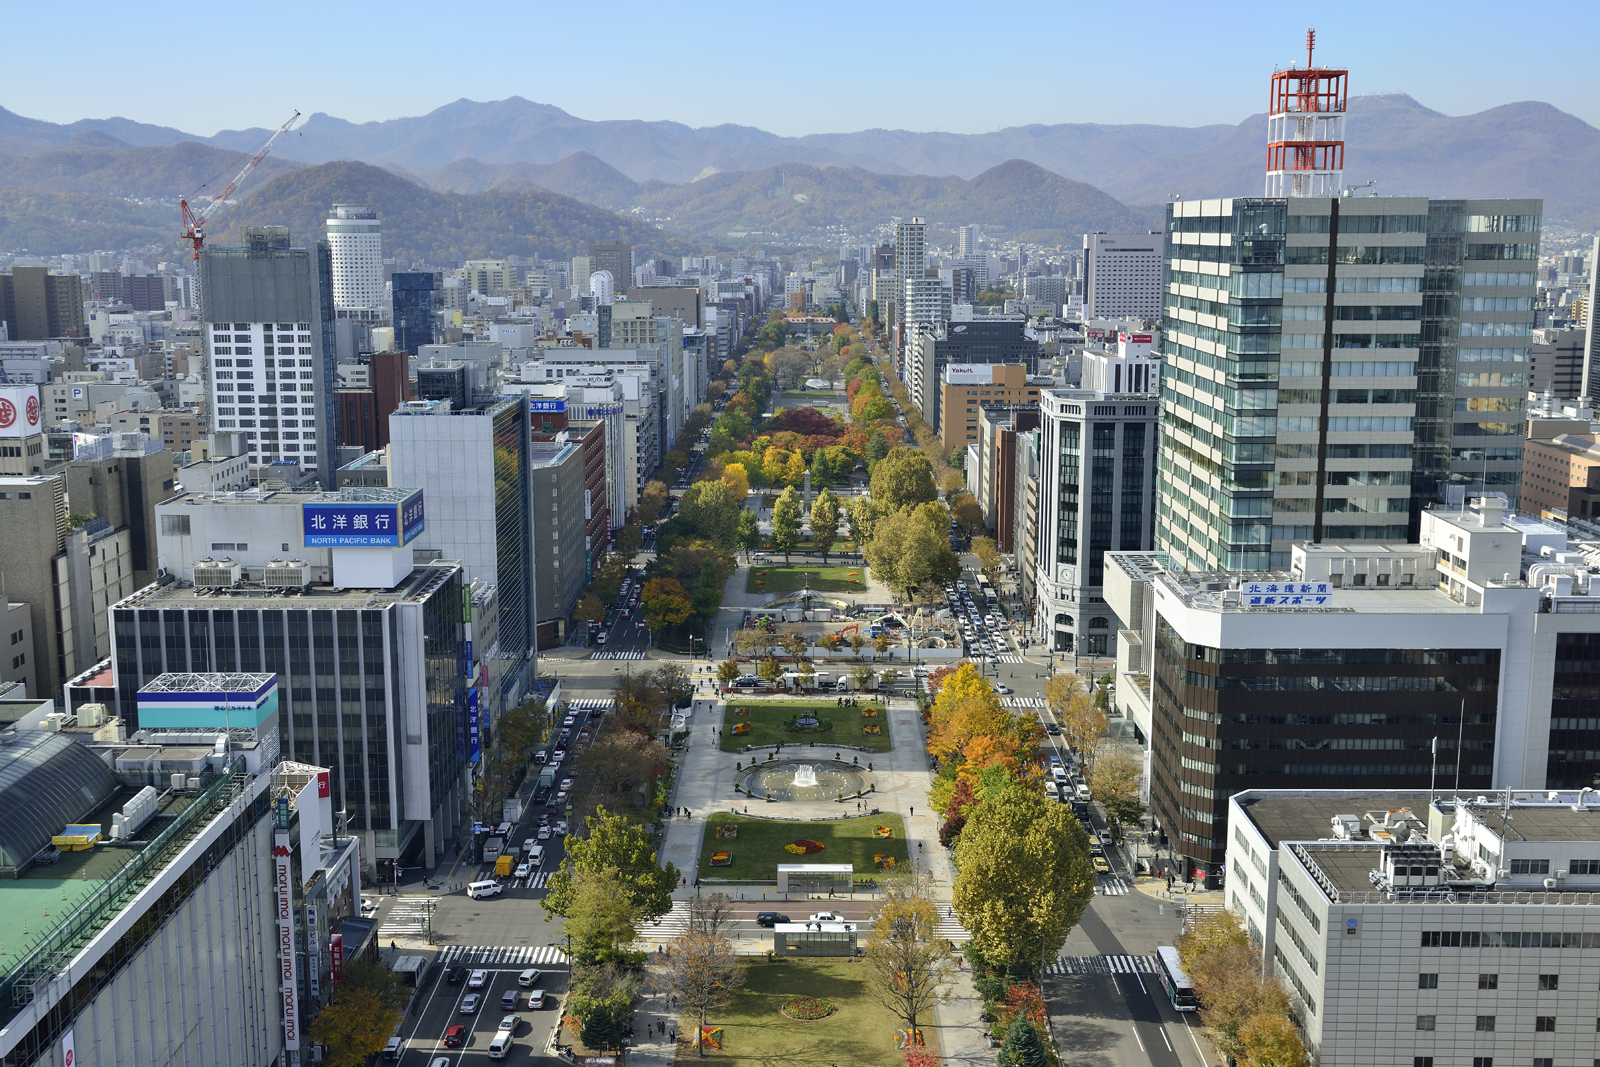 エイトナビ札幌へようこそ